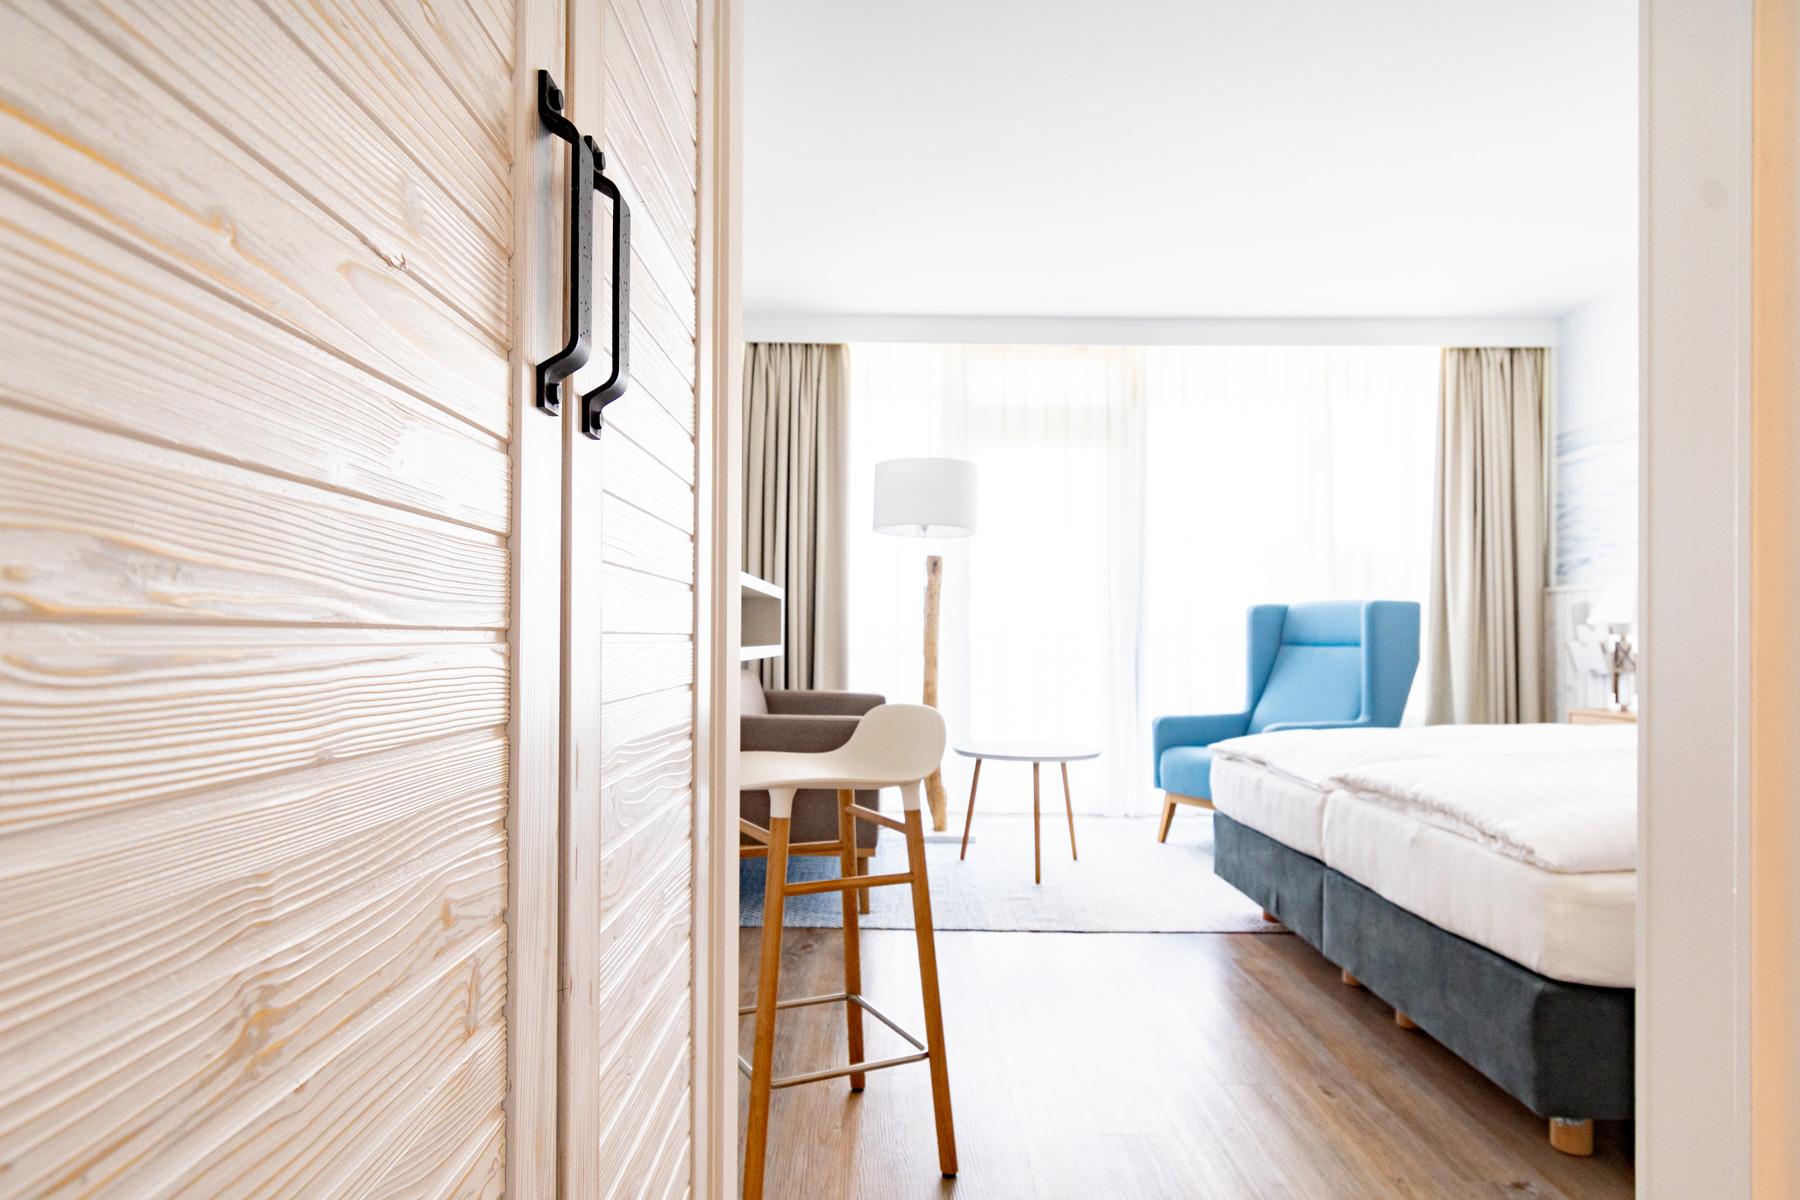 Wyn Strandhotel Sylt Zimmer Meerzeit Blick Ins Zimmer